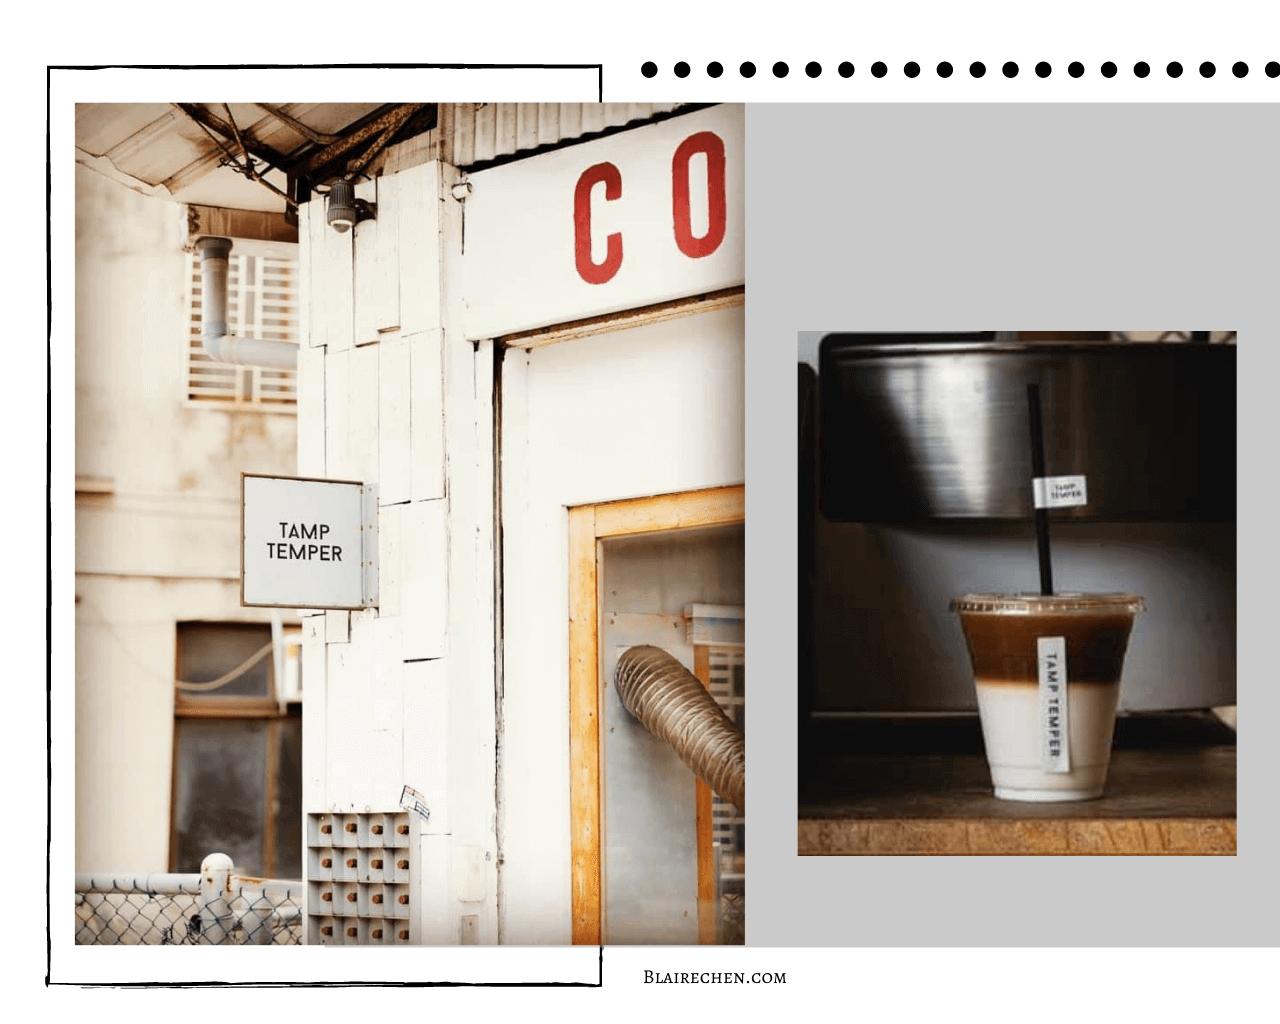 【獨立咖啡店推薦】|外媒評選台灣最棒咖啡廳!興波咖啡、RUFOUS、Coffee Stopover,中島GLAb,咖啡控絕不能錯過!